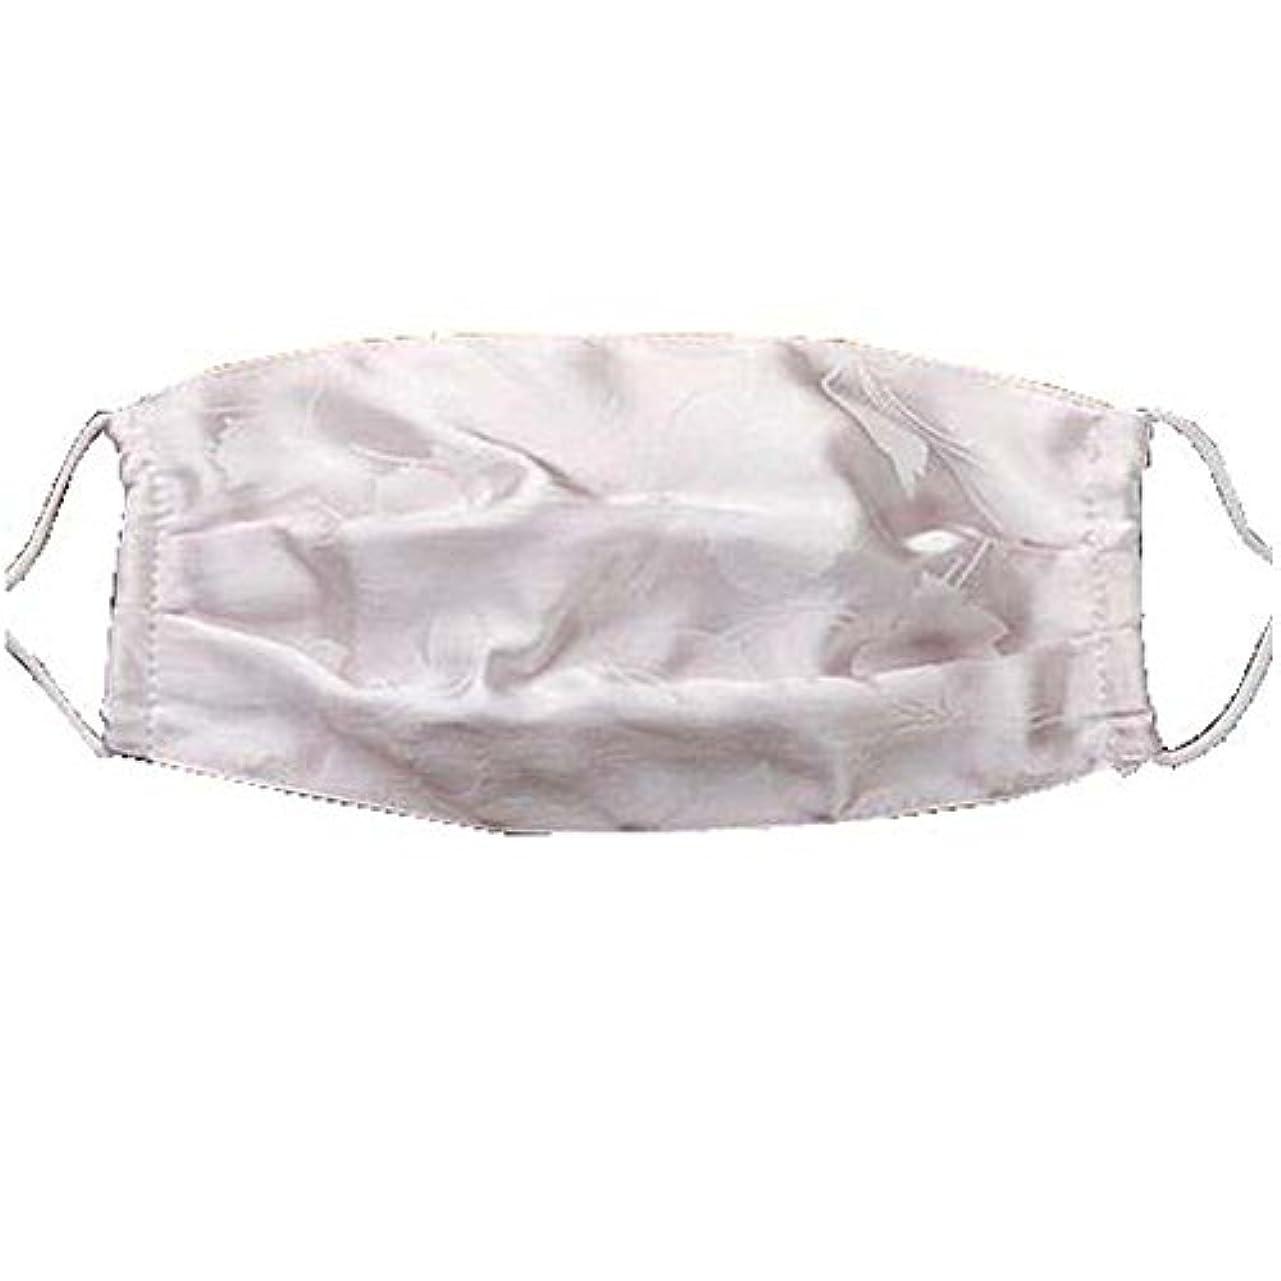 キャップポルティコ排気口腔マスクダストマスク抗汚染活性炭フィルターインサートシルクマスク